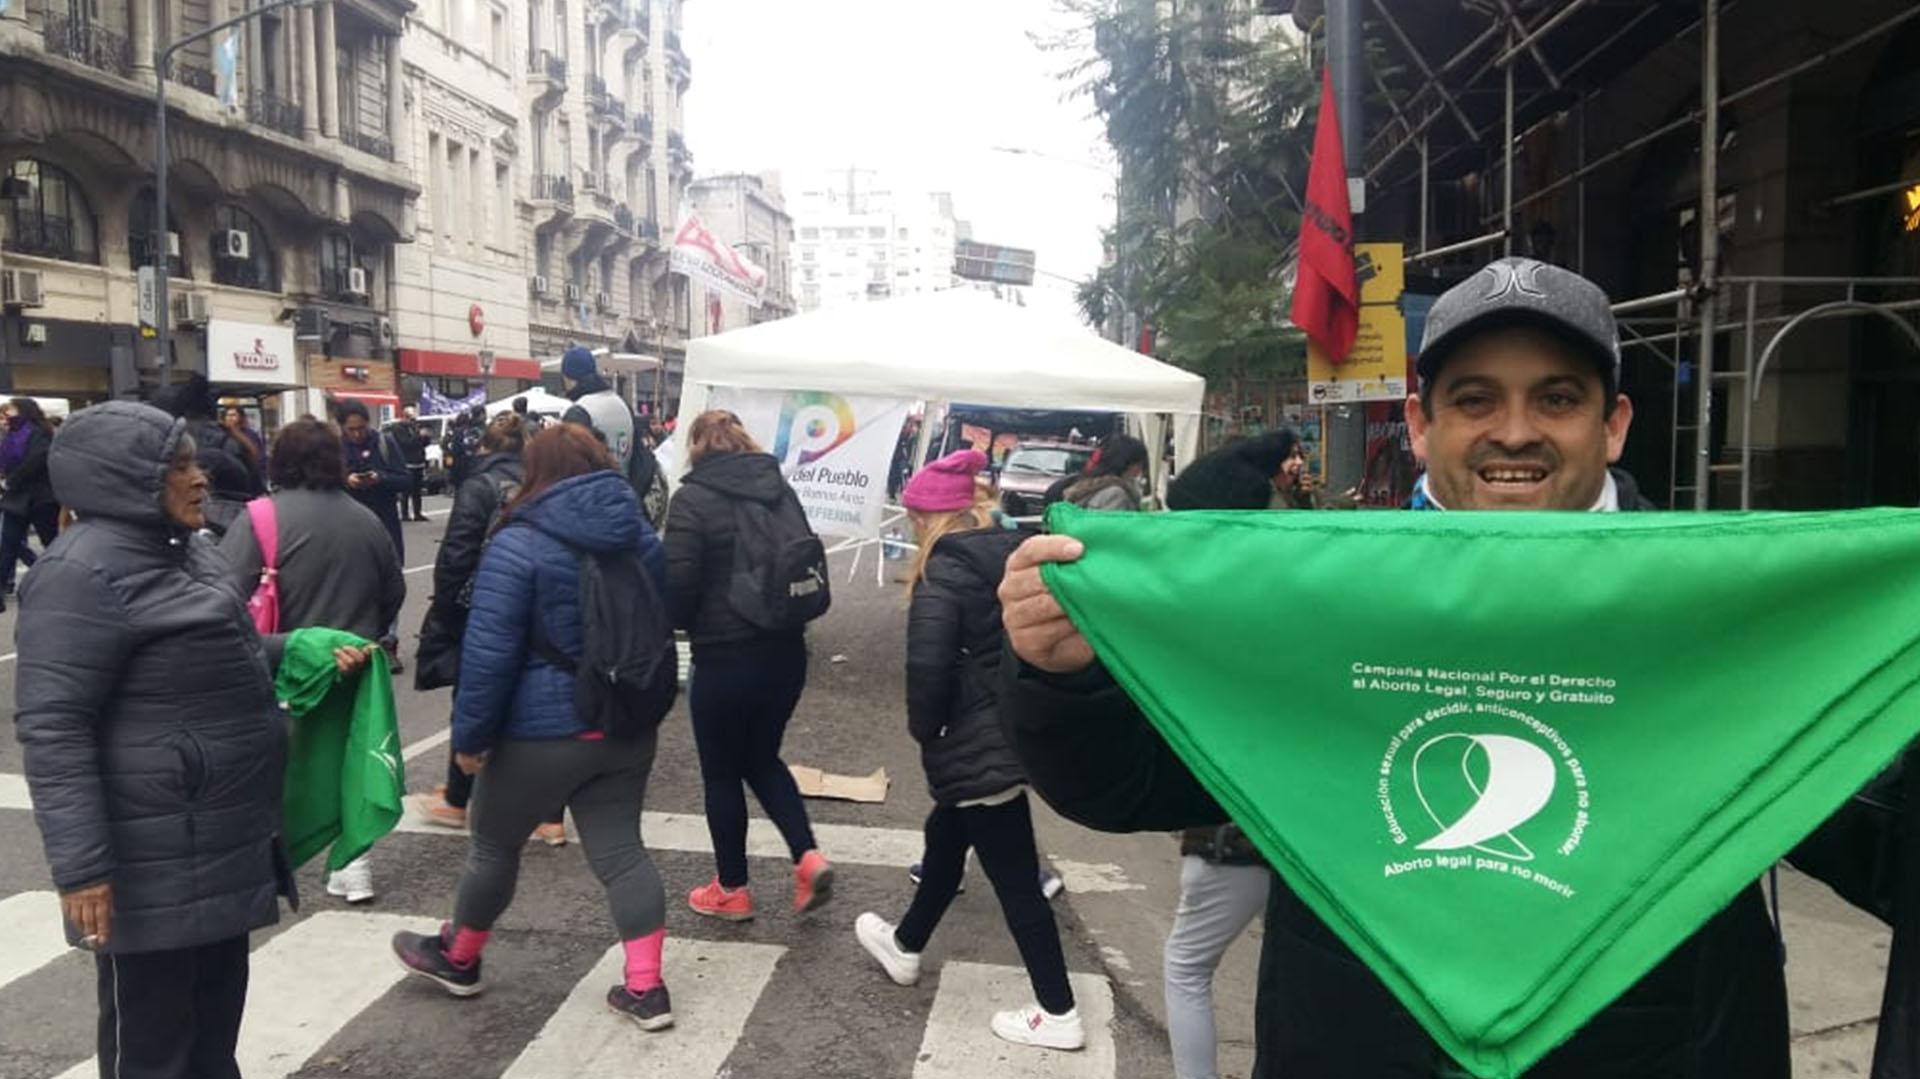 Iván, el vendedor ambulante que también está a favor de la despenalización